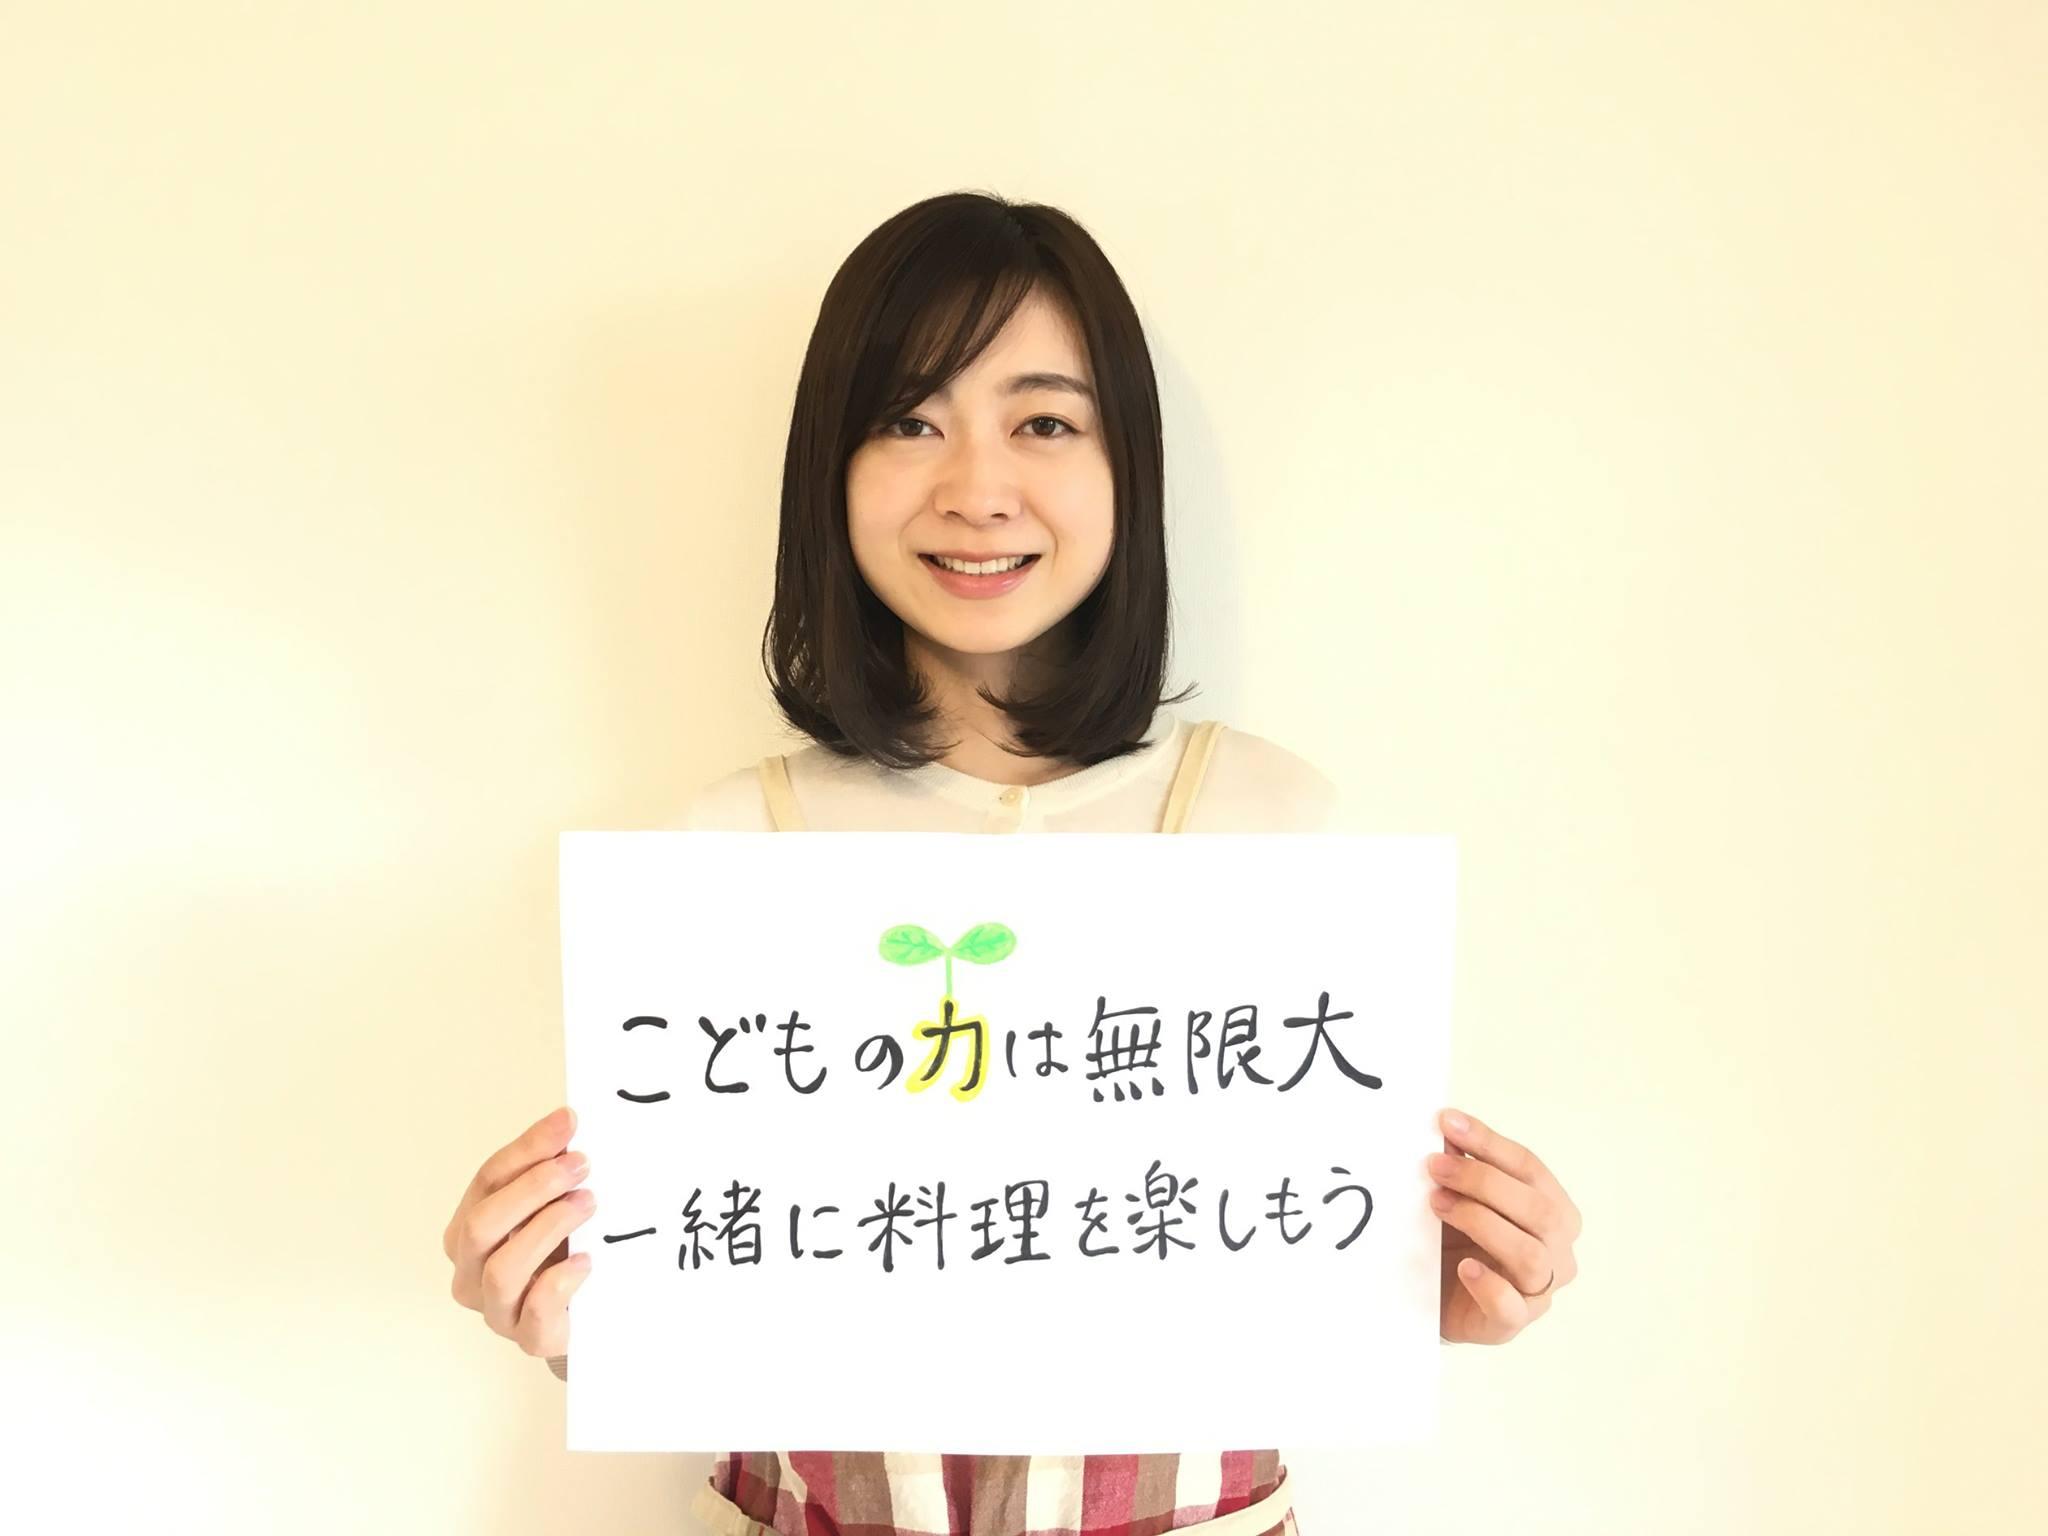 末廣玲子(すえひろれいこ)